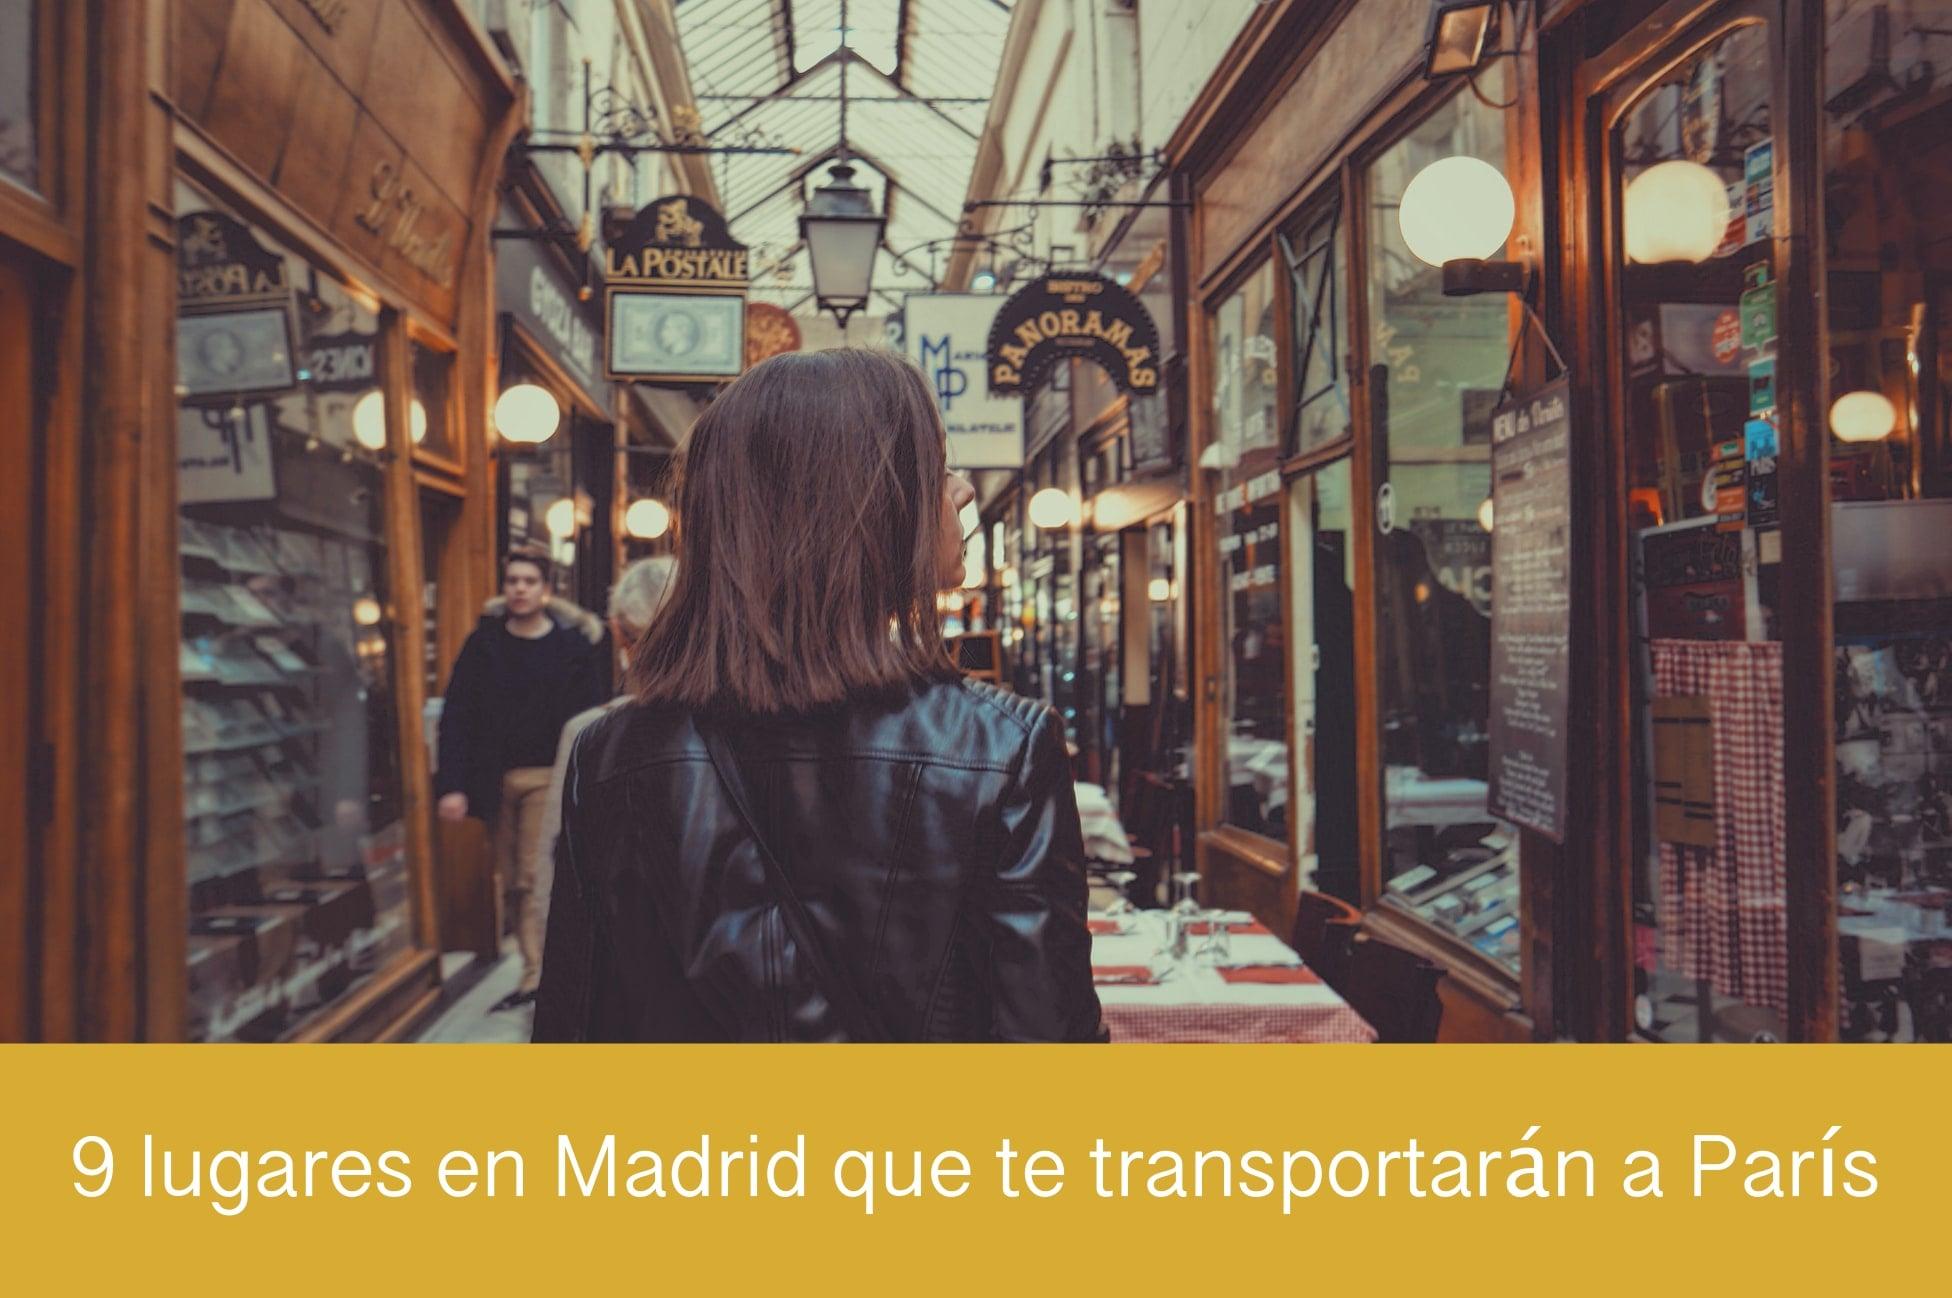 9 lugares en Madrid que transportarán a París